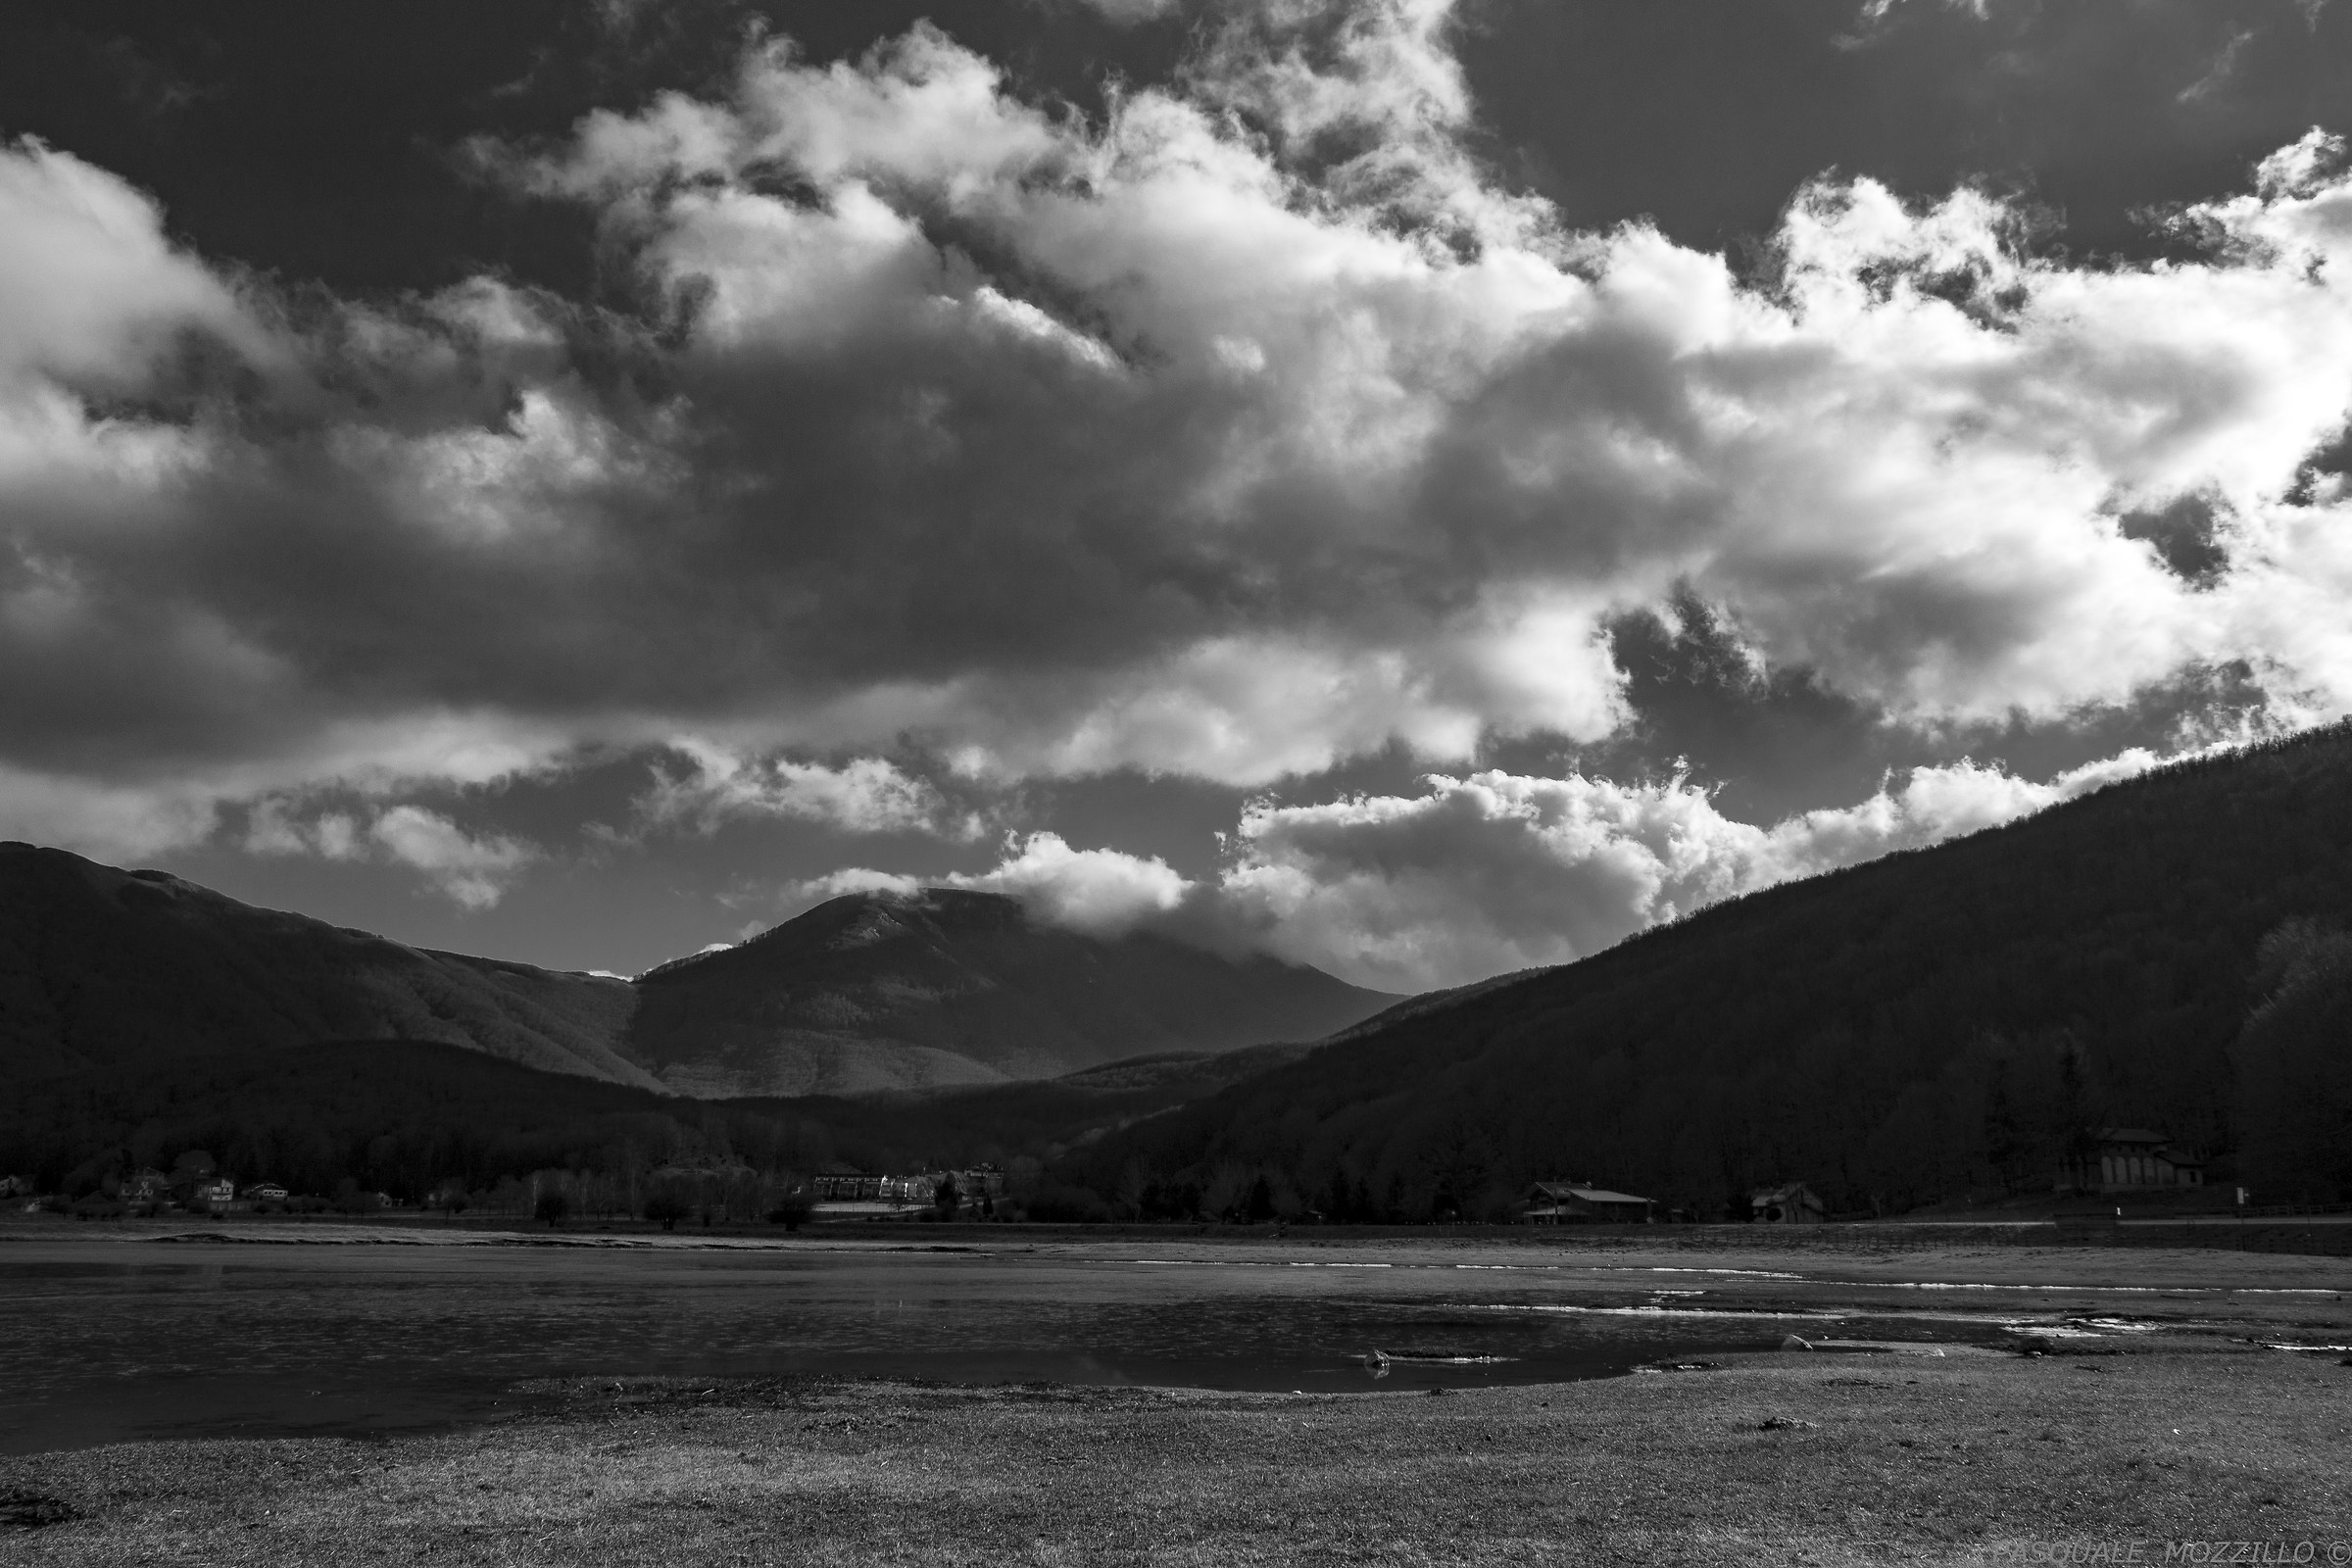 Among the mountains...